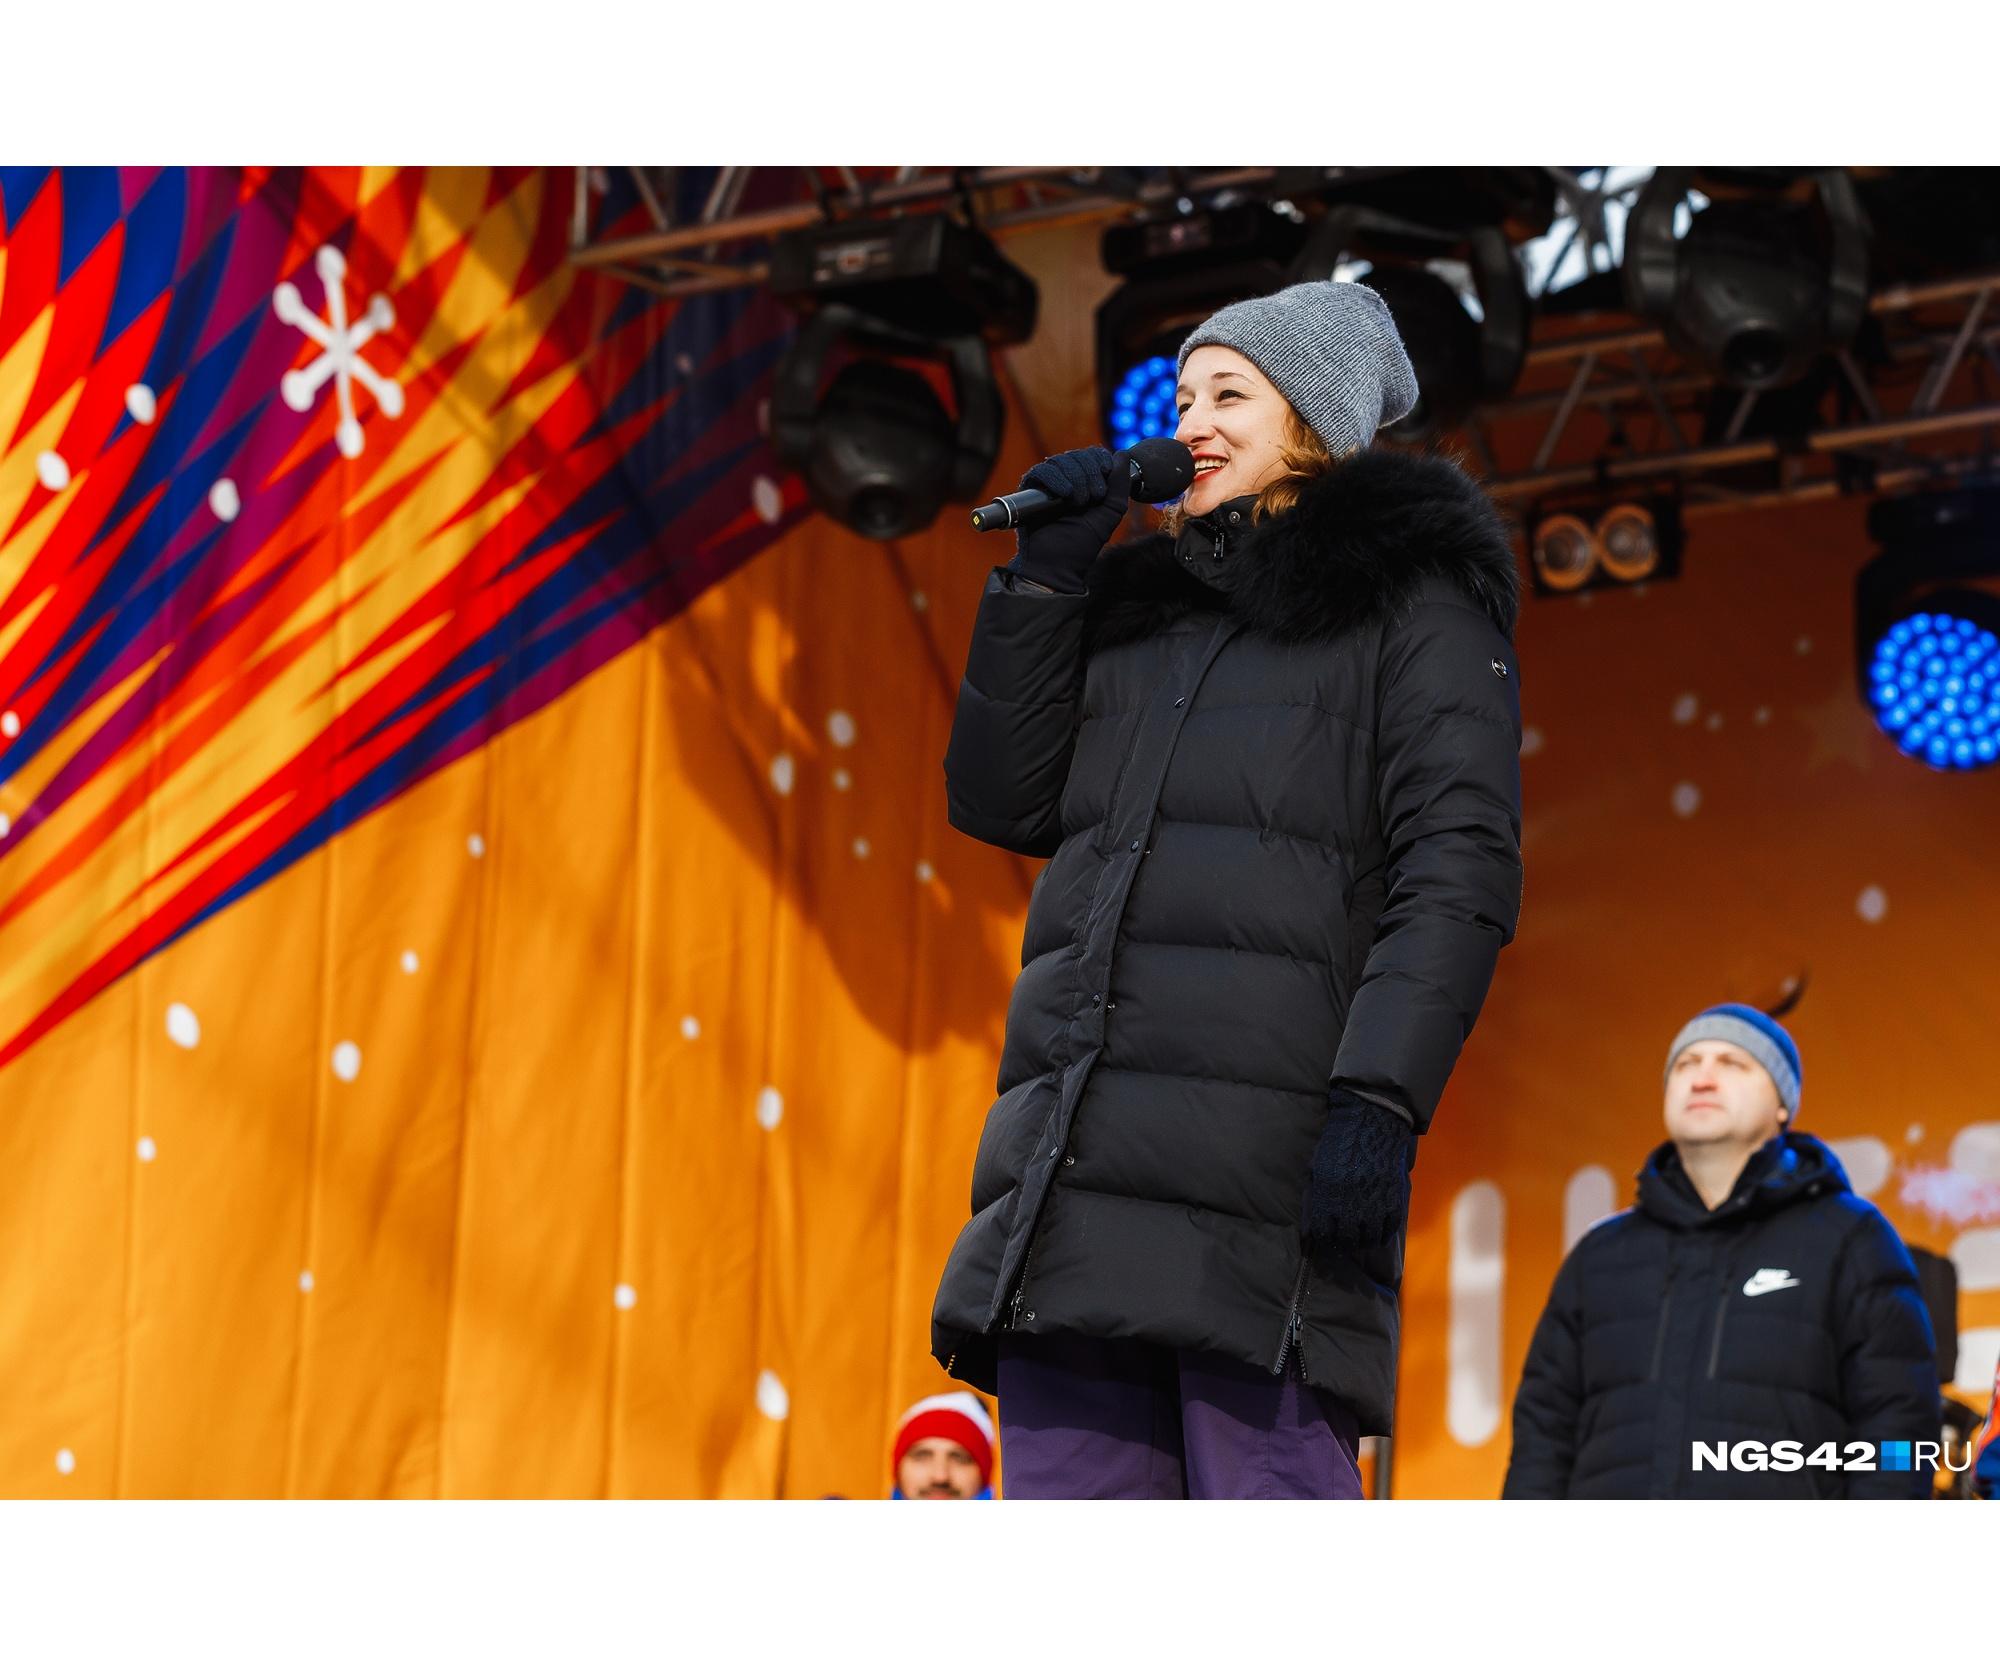 В день открытия в Шерегеш приехала Елена Лысенкова,&nbsp;начальник Управления государственных туристских проектов и безопасности туризма Федерального агентства по туризму<br>